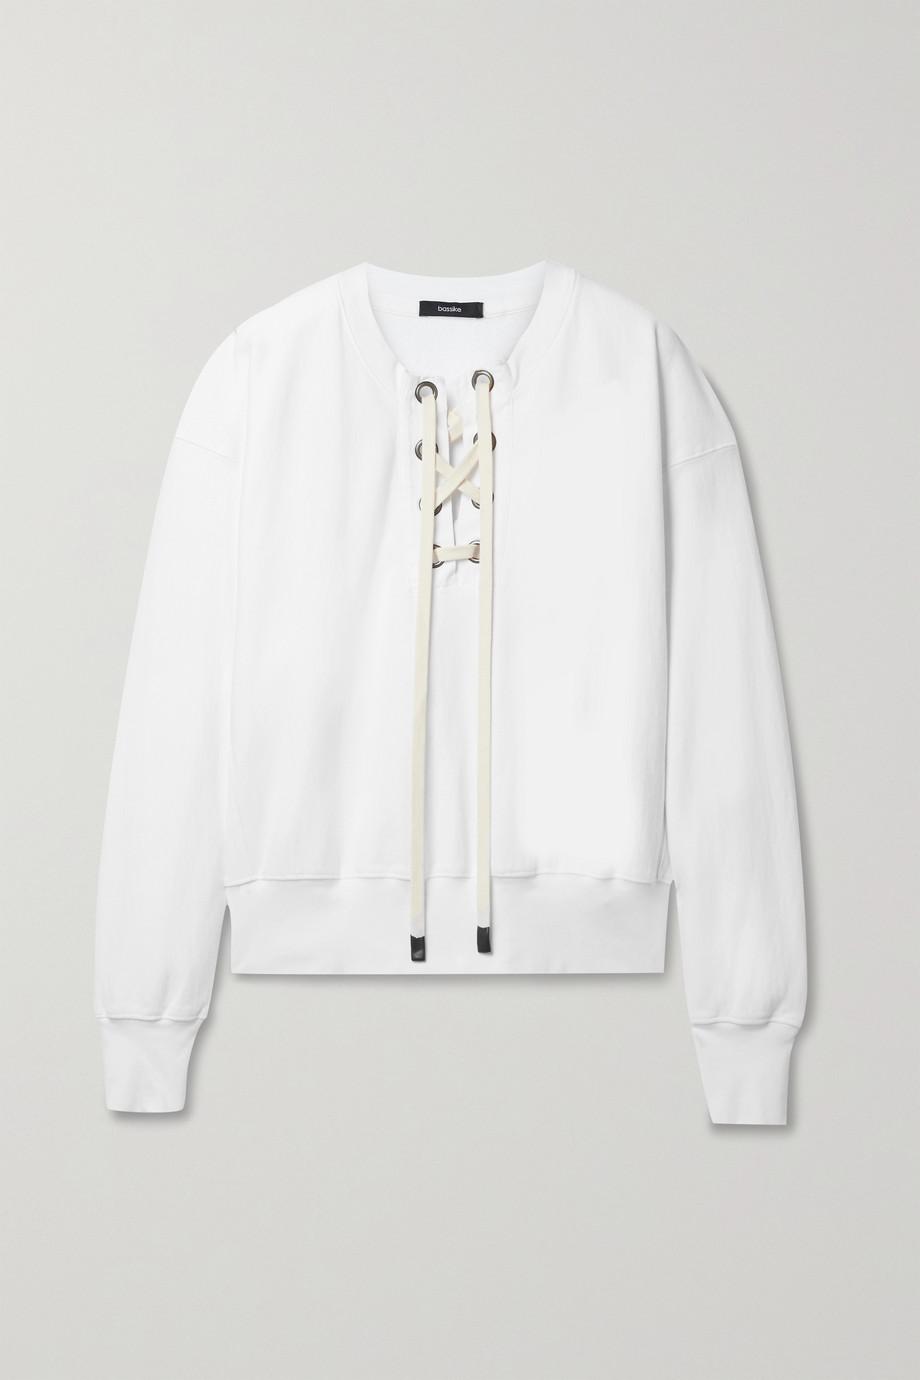 Bassike + NET SUSTAIN Sweatshirt aus Biobaumwoll-Jersey mit Schnürung